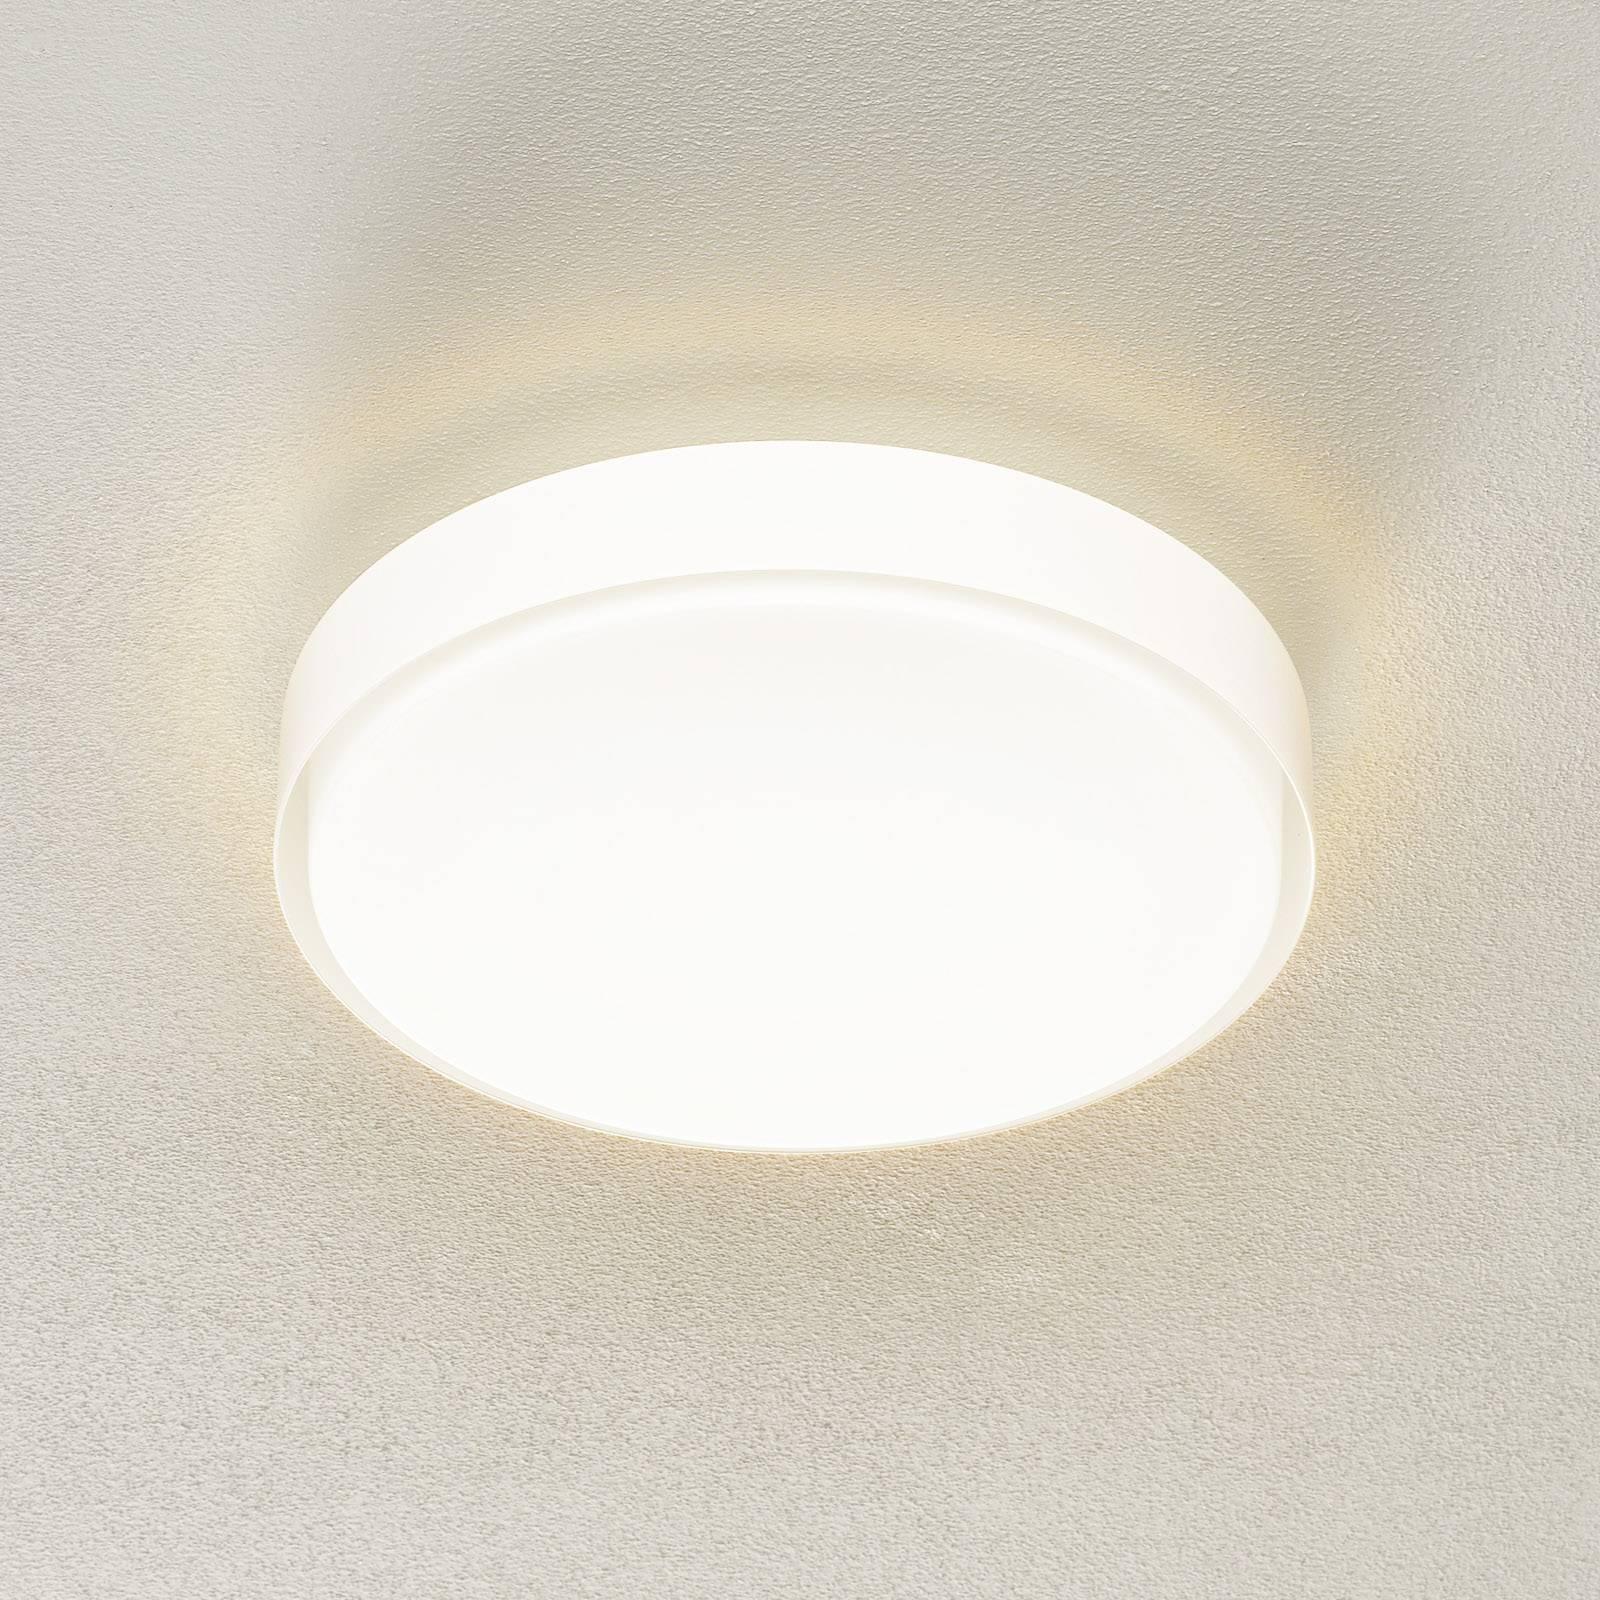 BEGA 34278 LED-Deckenleuchte, weiß, Ø 36 cm, DALI